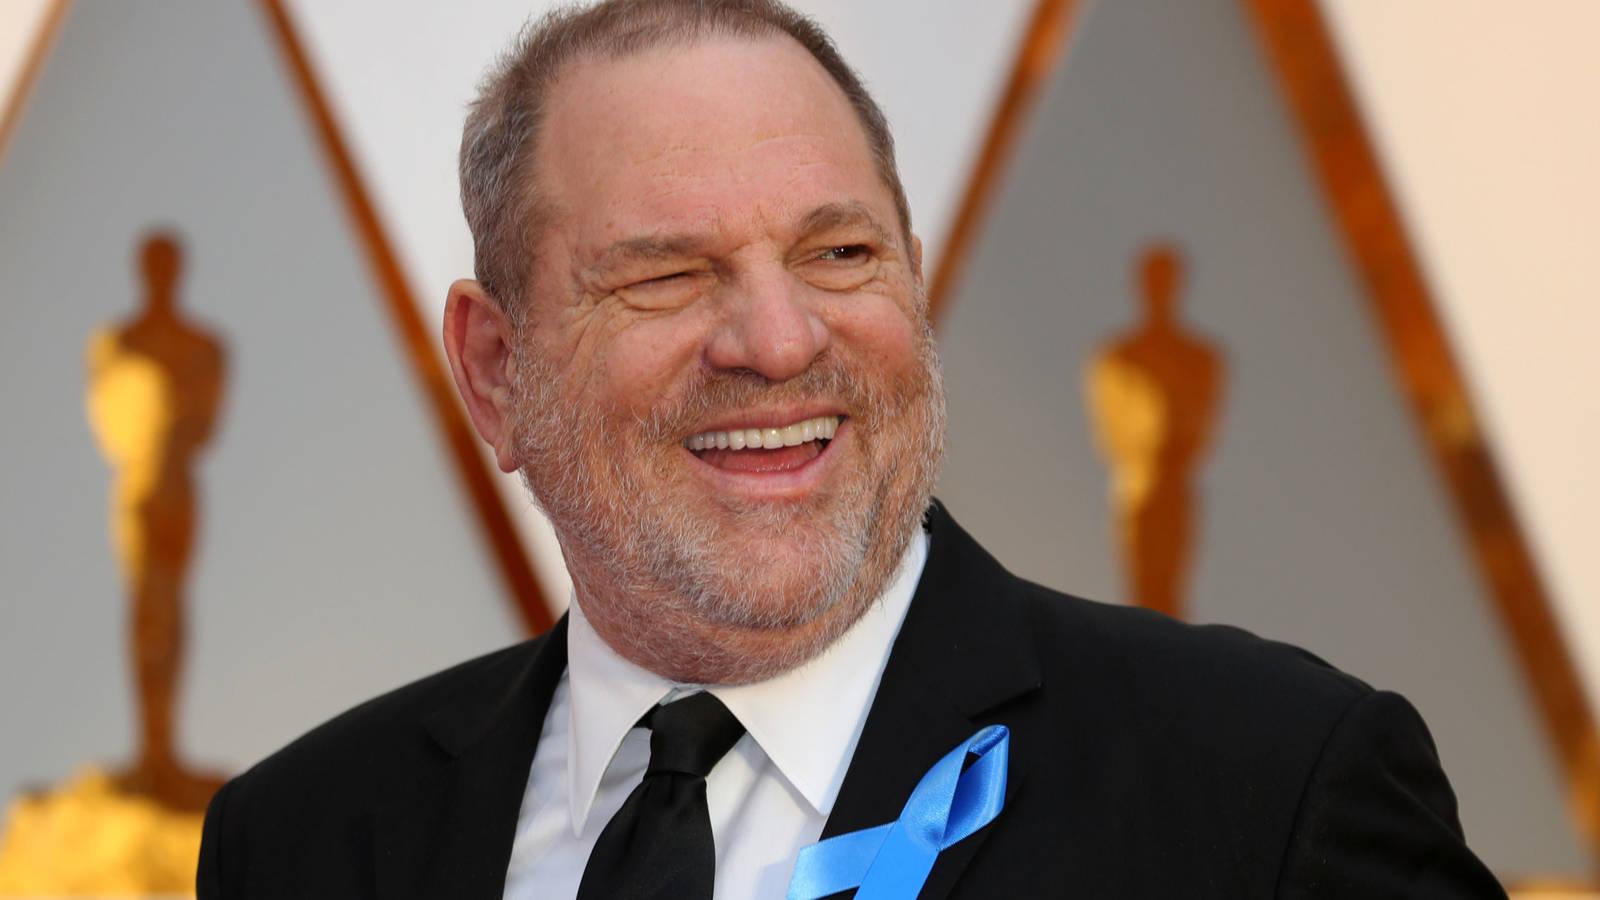 VÍDEO: Harvey Weinstein acusado de agresion y abuso sexual